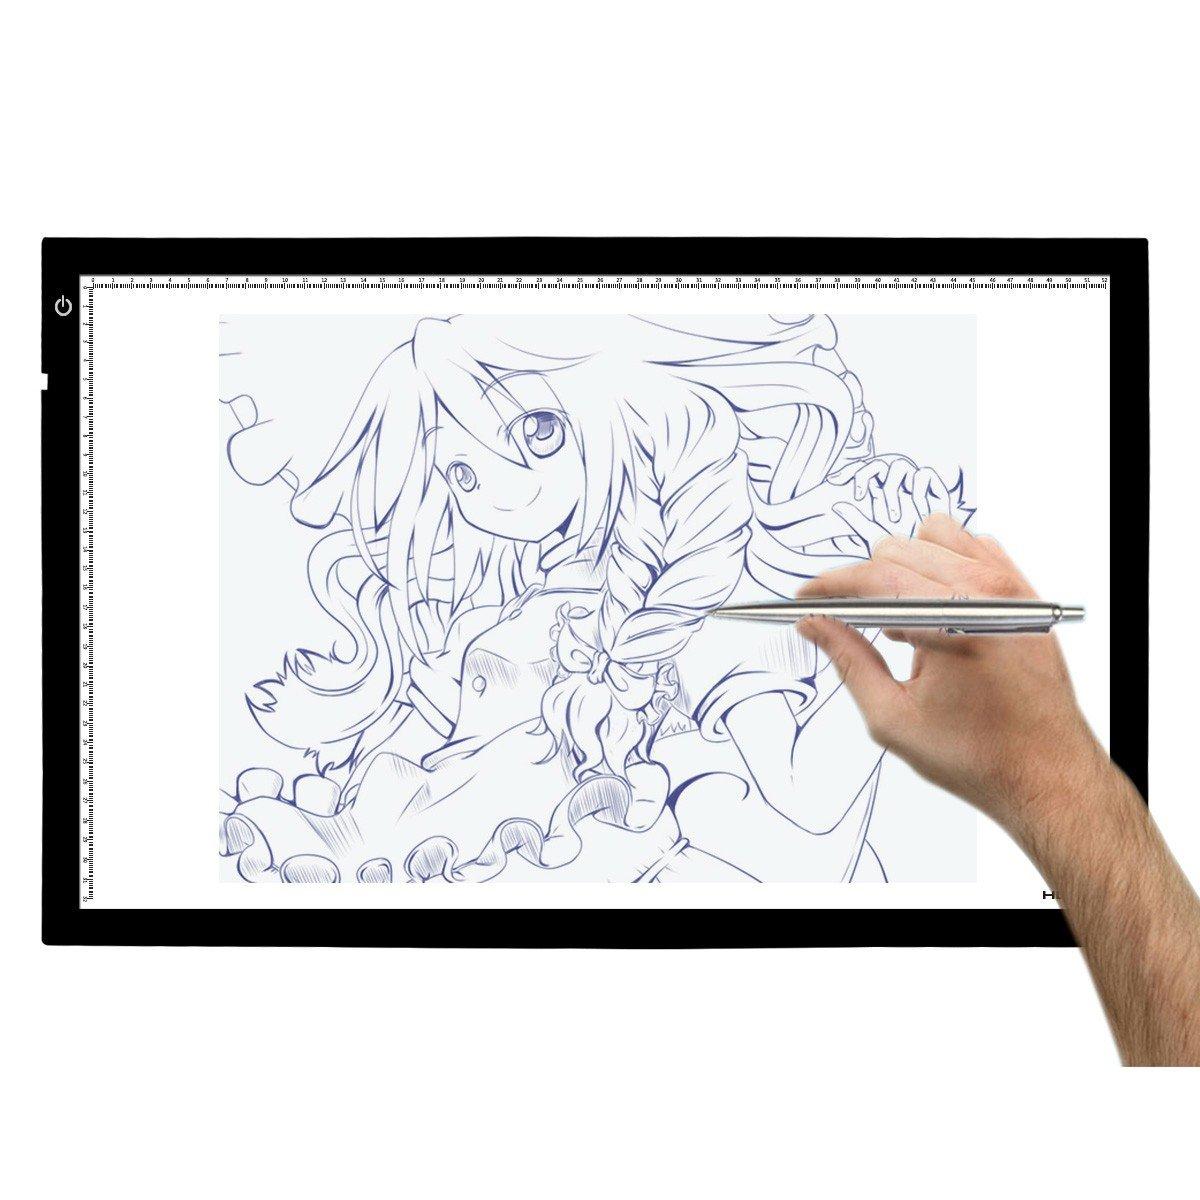 Huion A2 - Tablero de trazado digital para artes gráficas con luz LED de 26.8 pulgadas. Color negro y blanco.